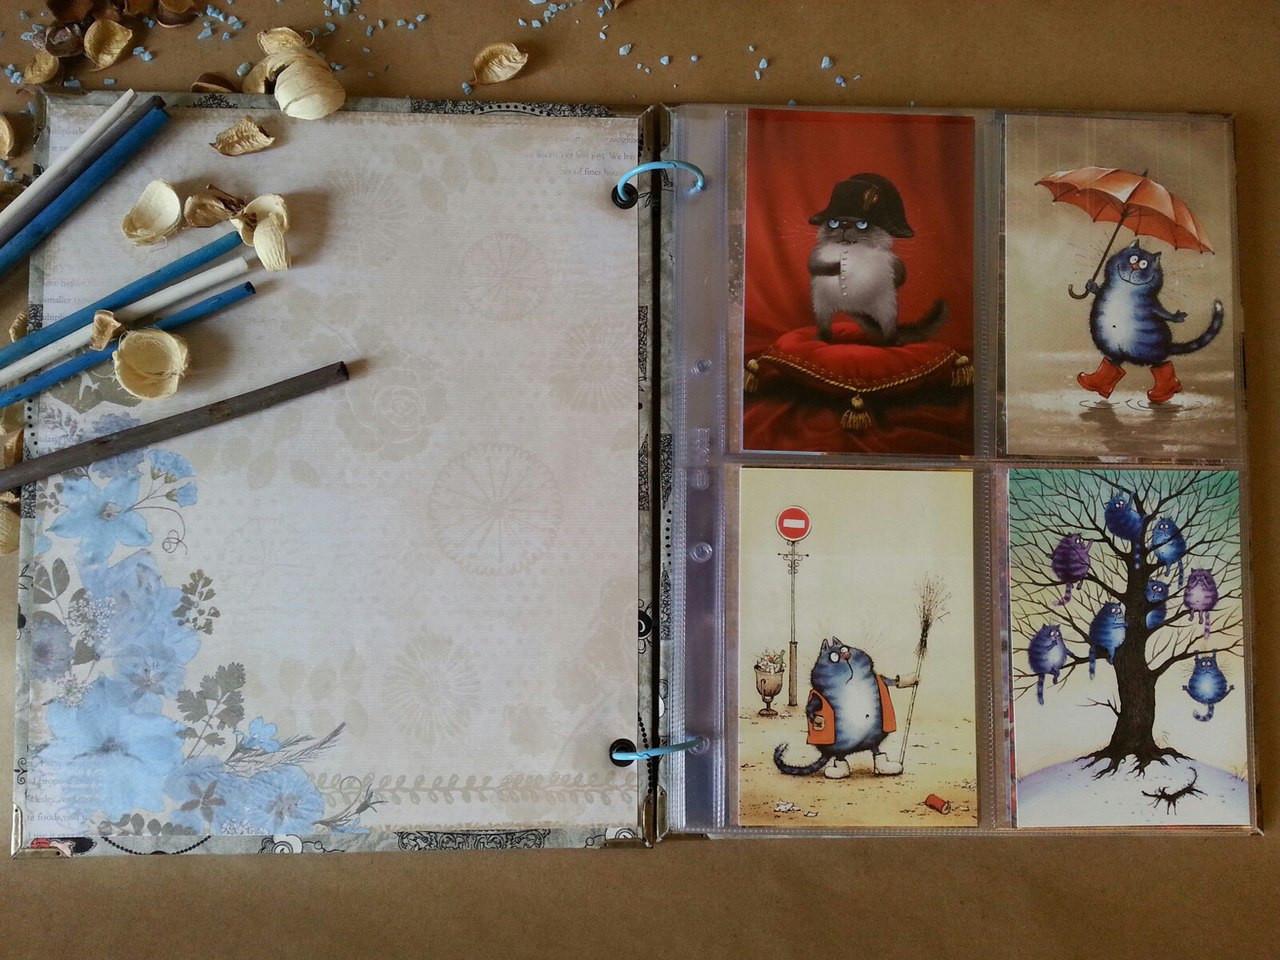 Еда картинках, как хранить коллекцию открыток